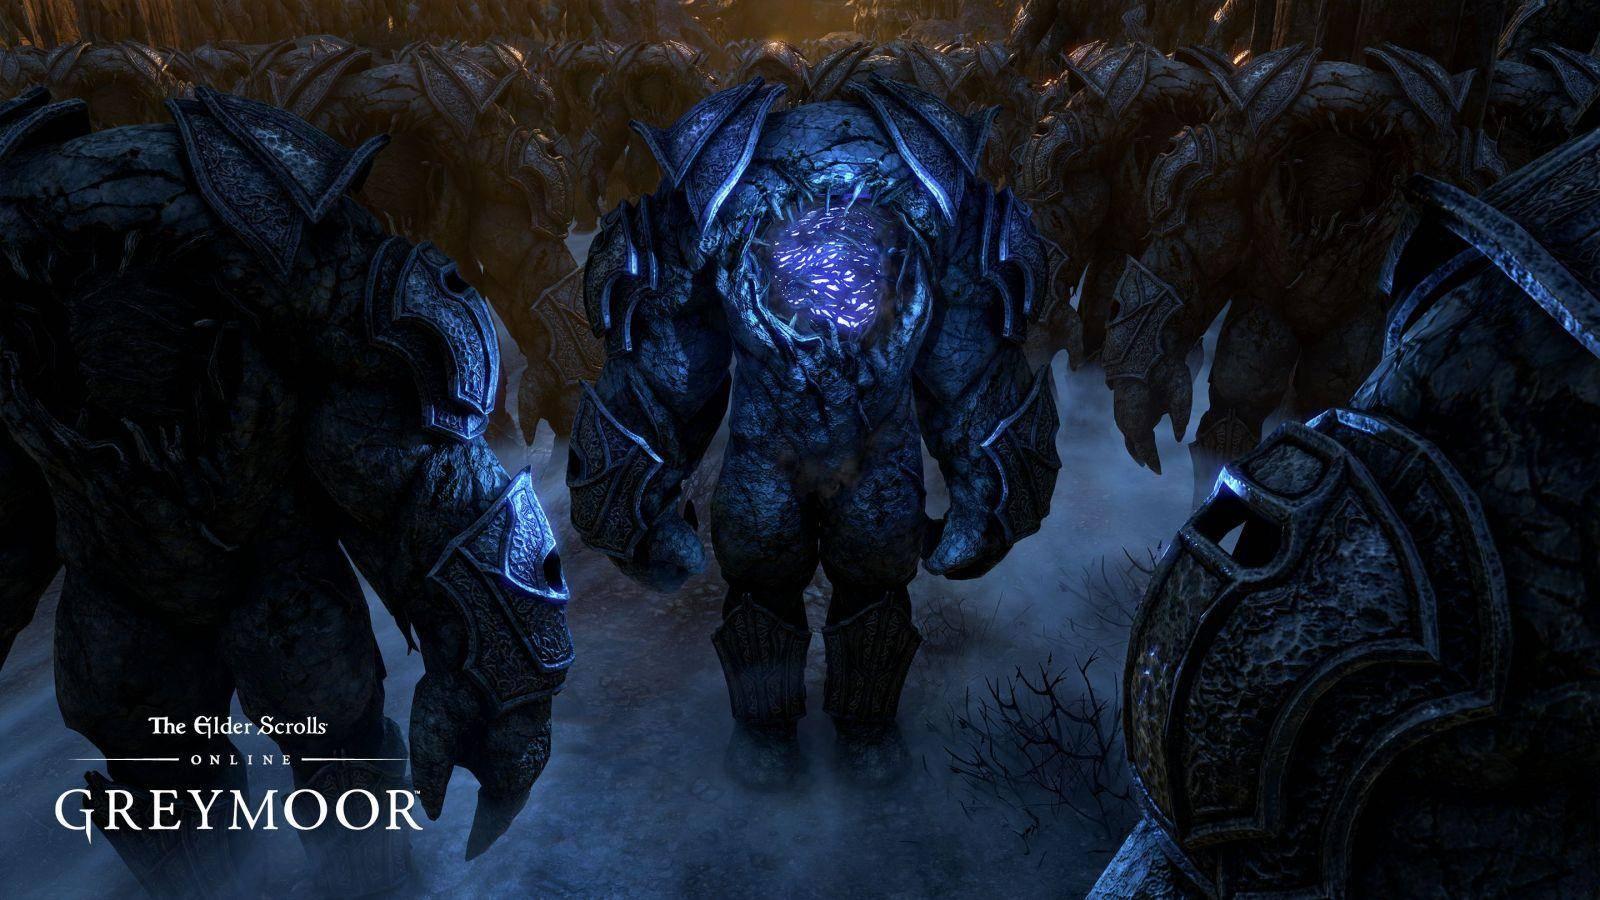 La tierra de Skyrim regresa a consolas con The Elder Scrolls Online 1